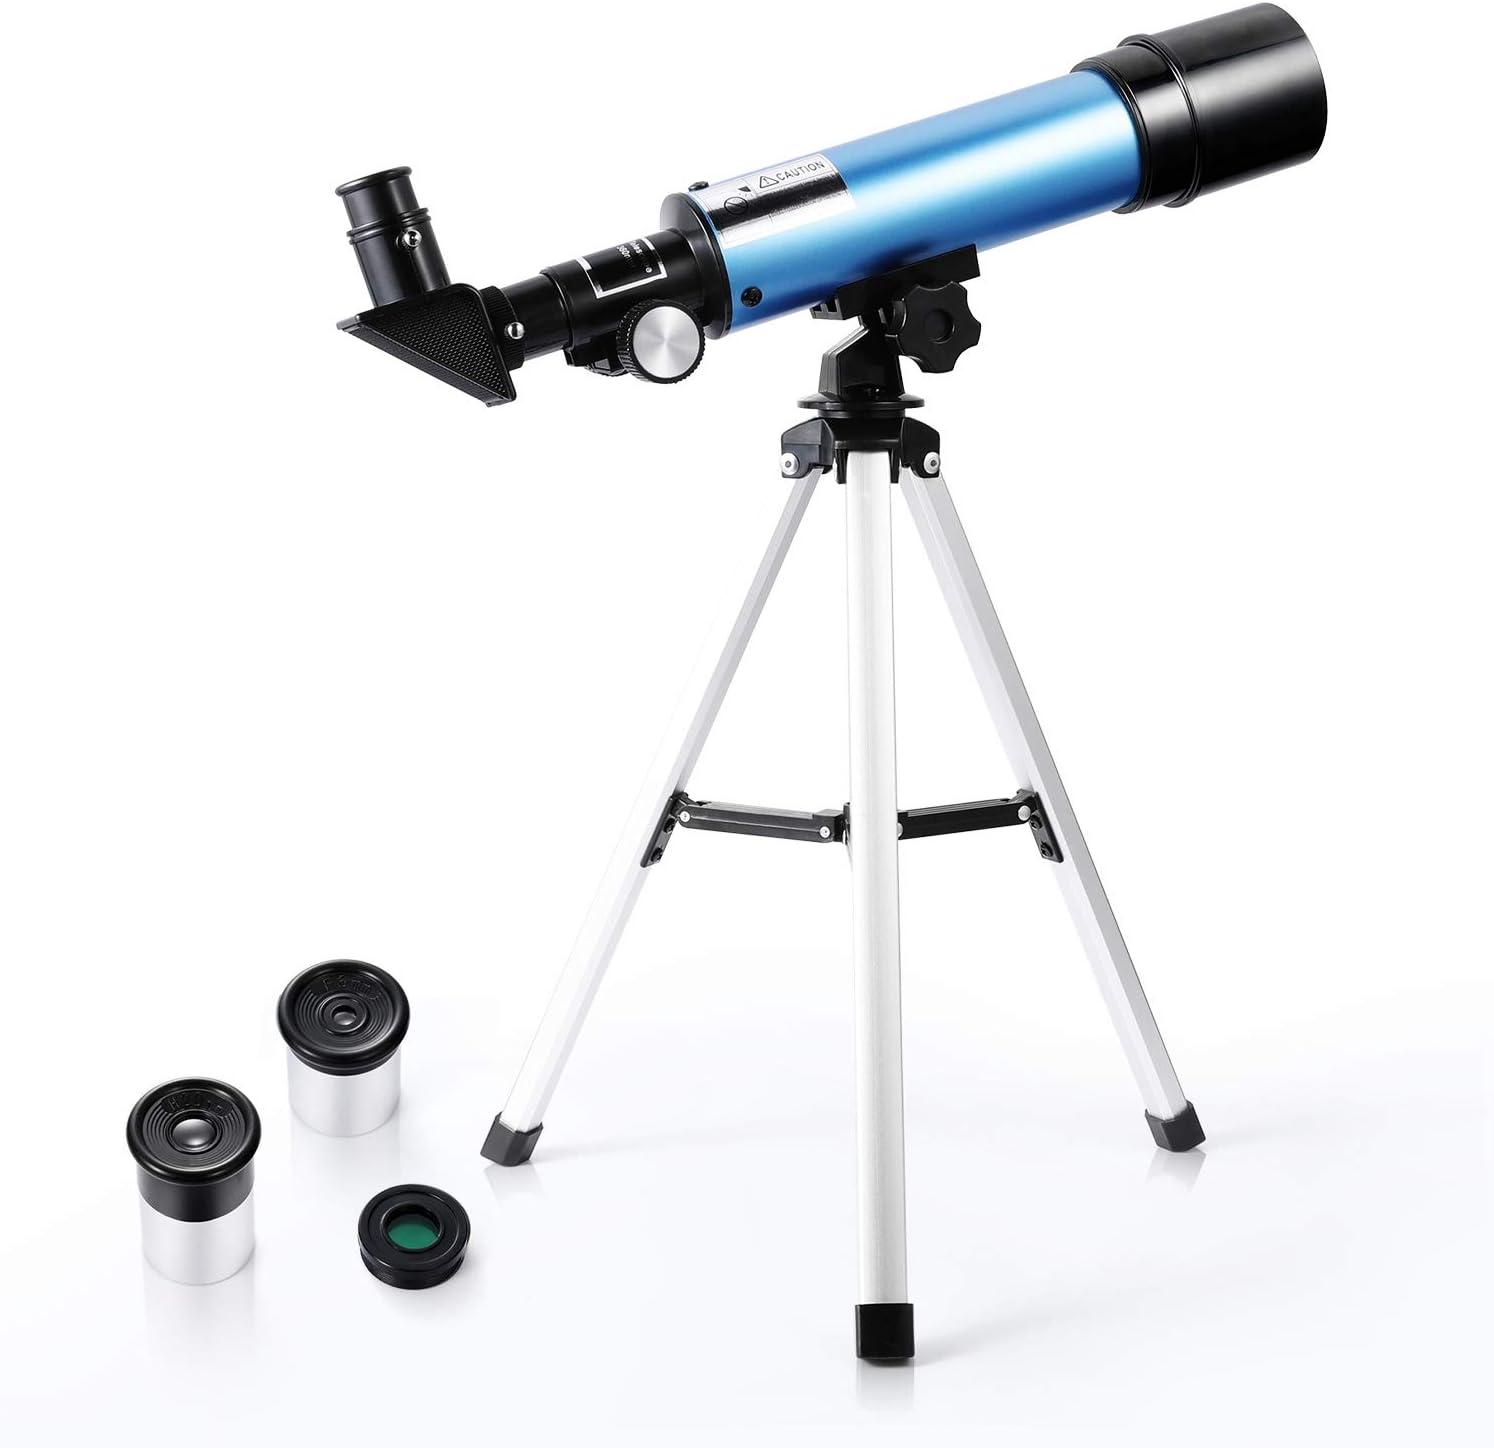 Telescopio Astronómico para Niños 90X HD Refractor de Ciencia Educativa con Trípode para Niños Principiantes – Uverbon